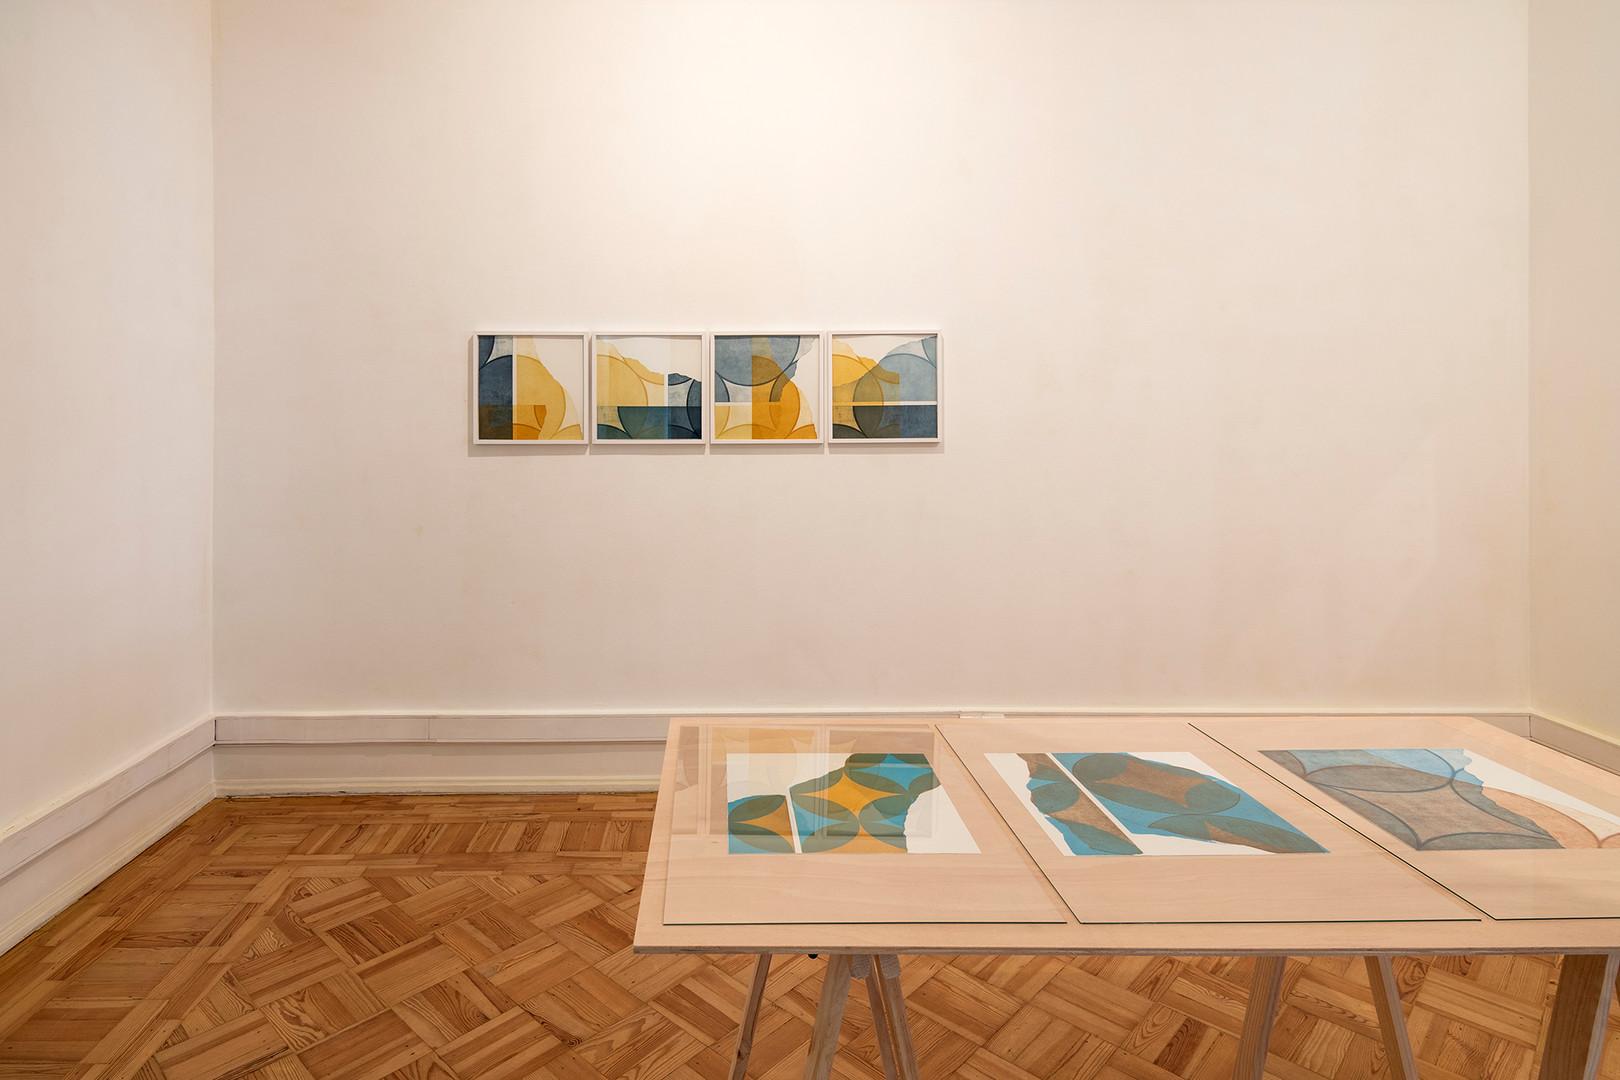 """Vista da exposição """"in a row I+II"""" de Pedro Boese, 2020  © Eduardo Sousa Ribeiro, 2020"""